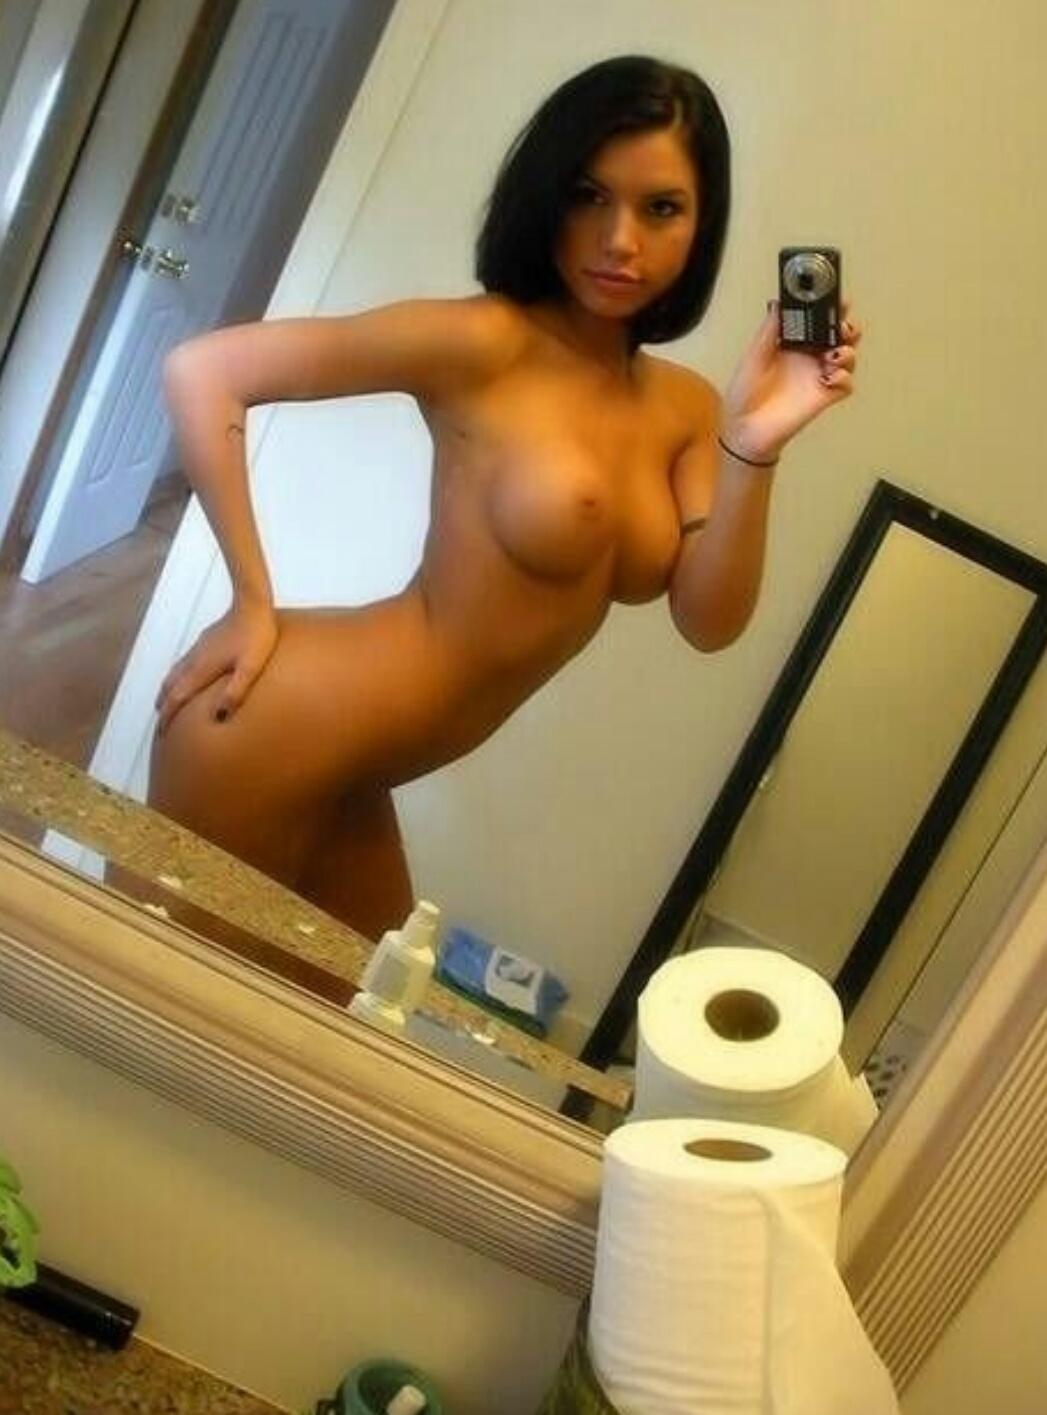 ass naked women selfies